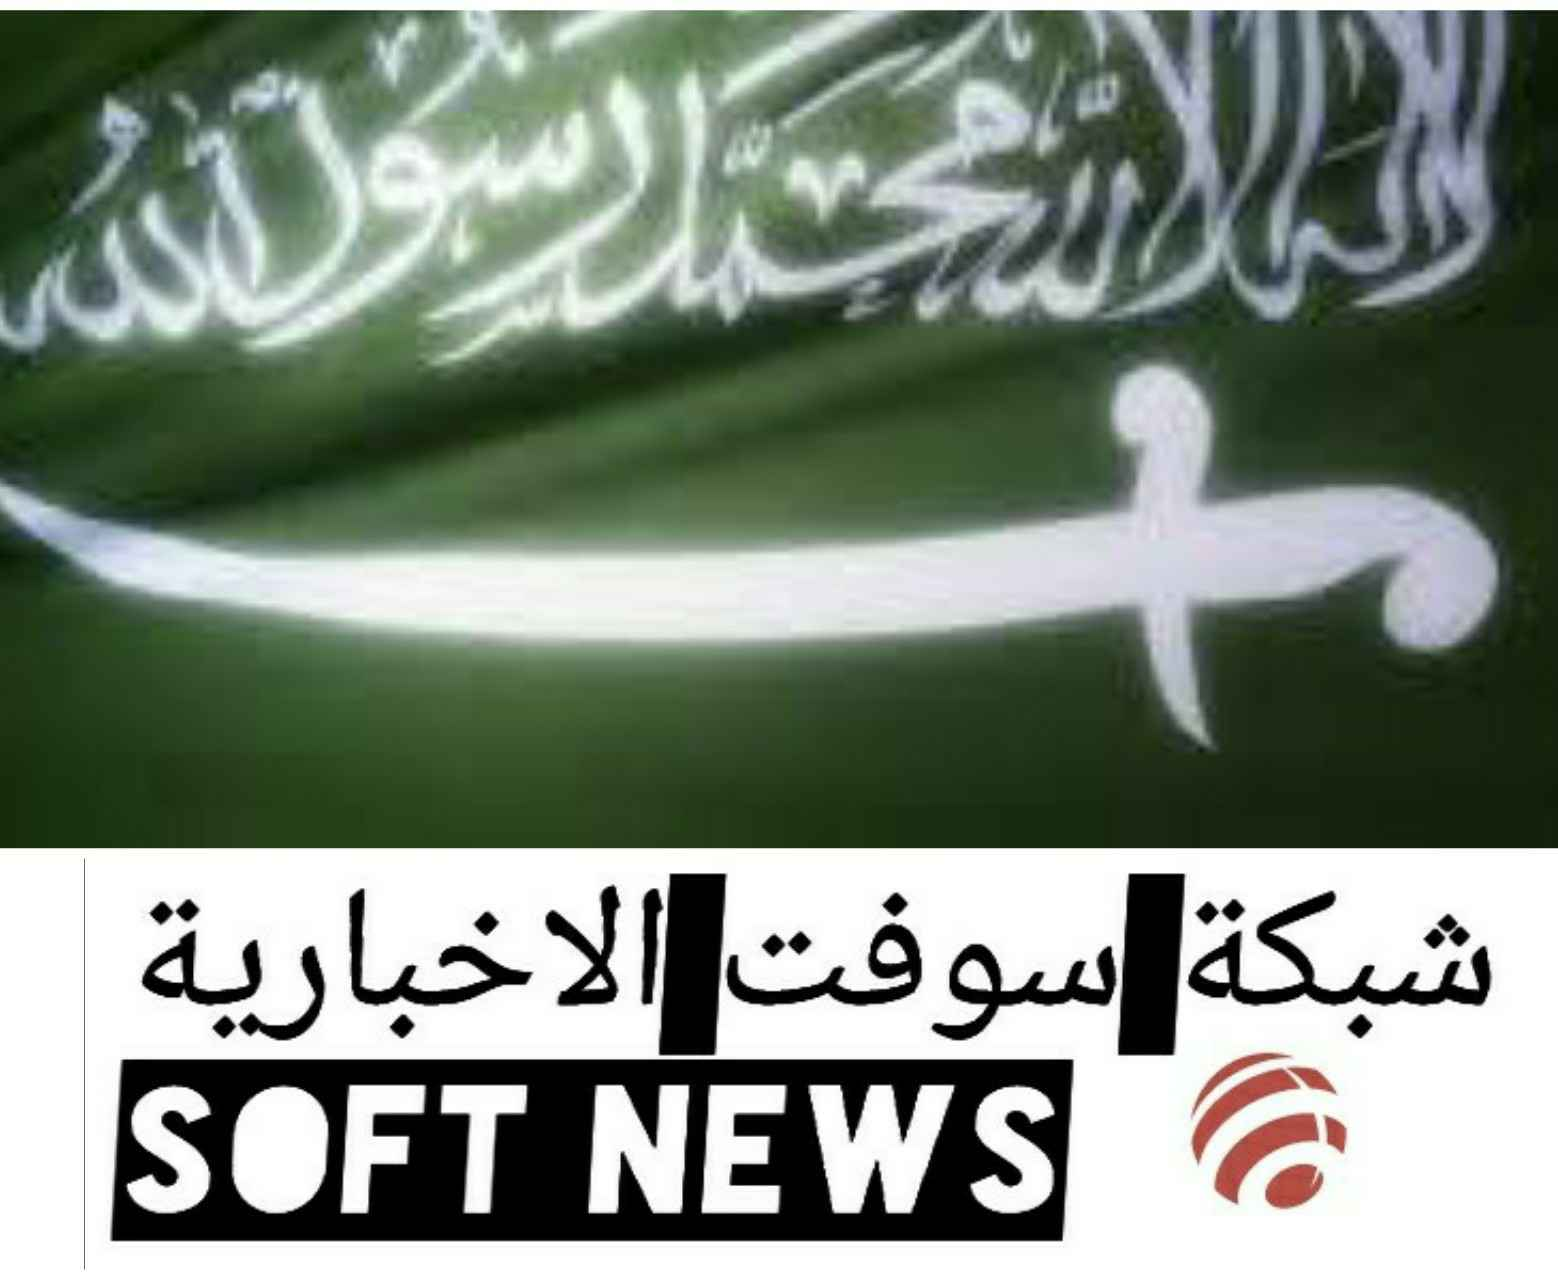 الممكلة العربيه السعودية تواكد دعمها لحل سياسي في اليمن